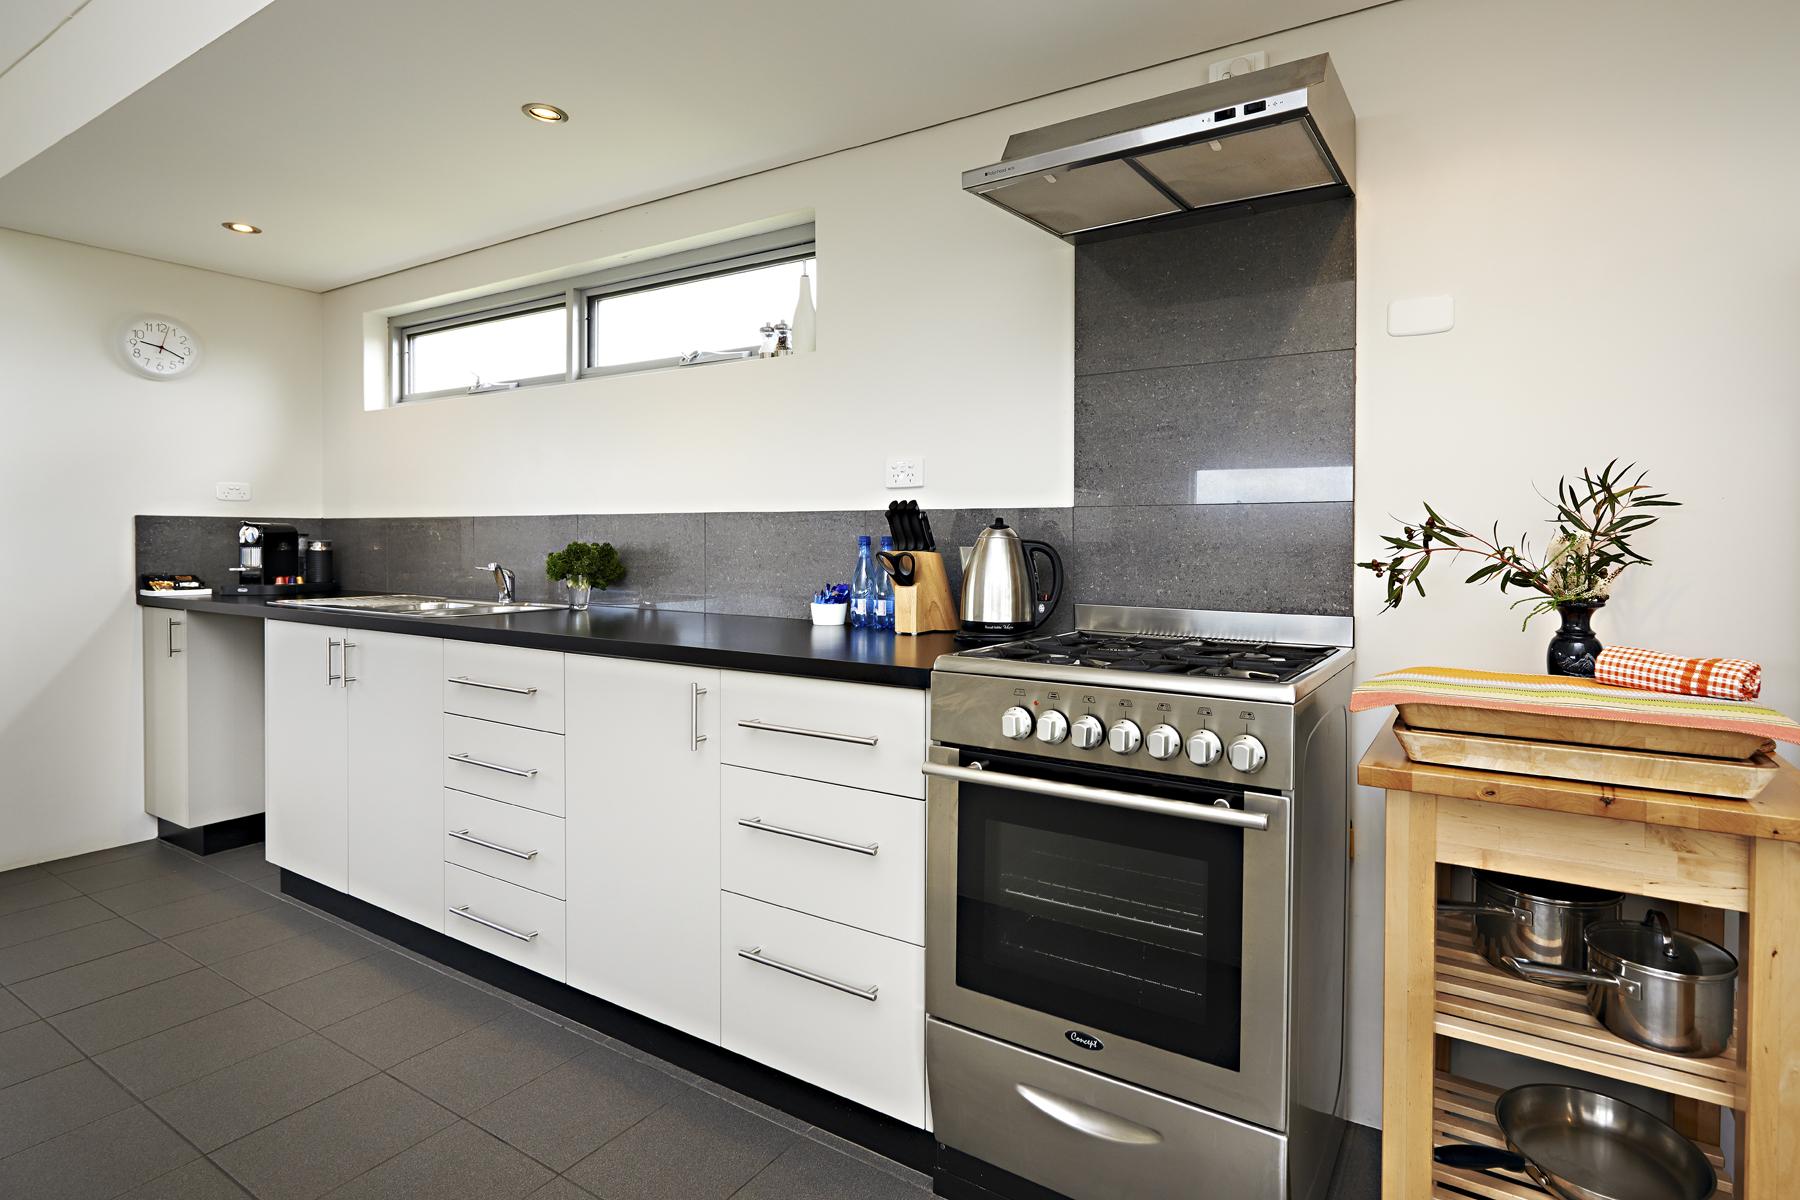 0044 - Hanover Bay Apartments - 05122013.jpg